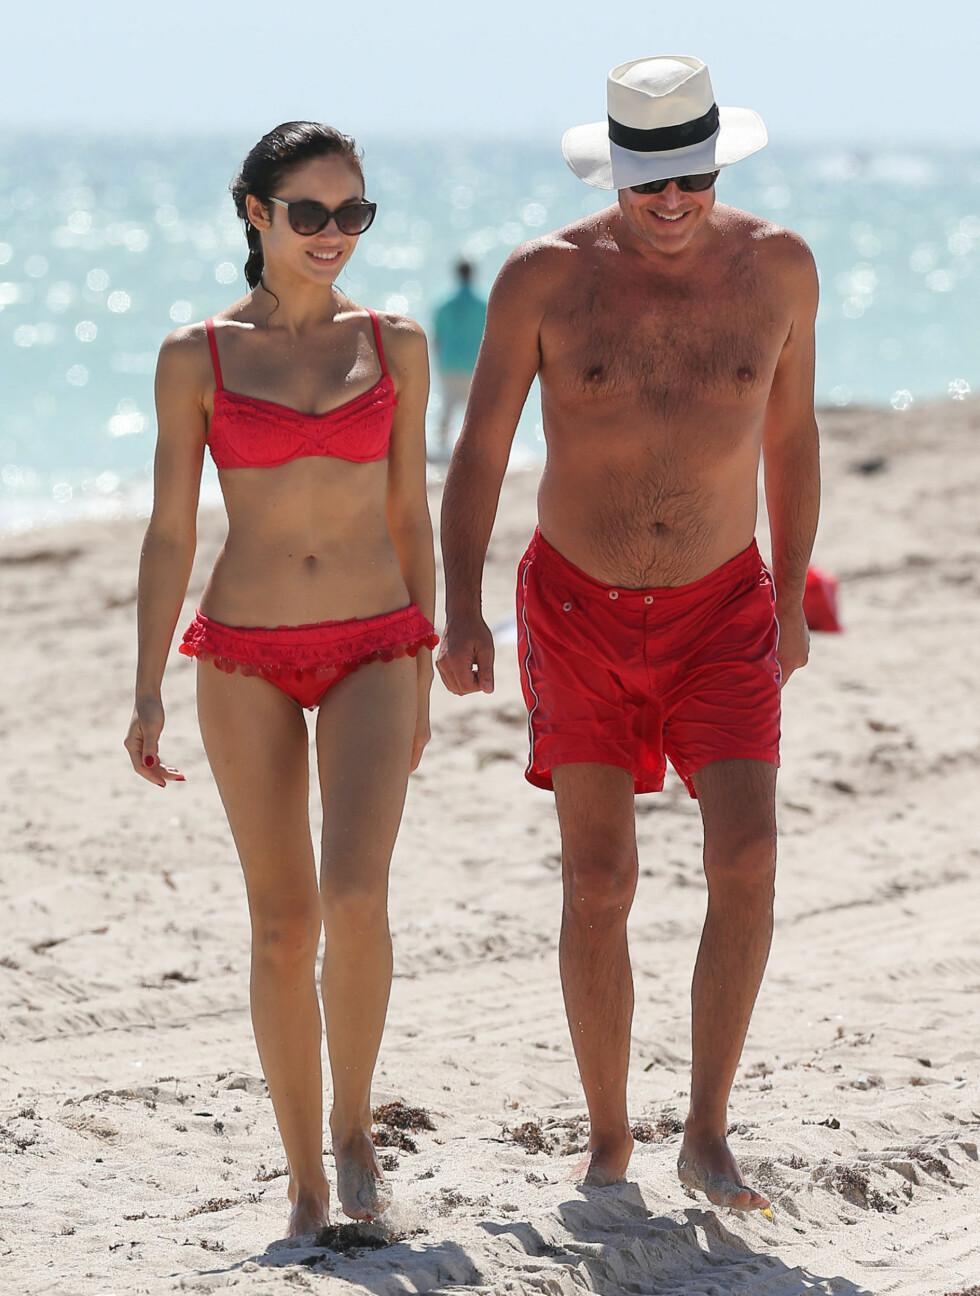 MATCHENDE BADETøY: Både Olga og Danny foretrekker kjærlighetens farge på badetøyet. Foto: FameFlynet